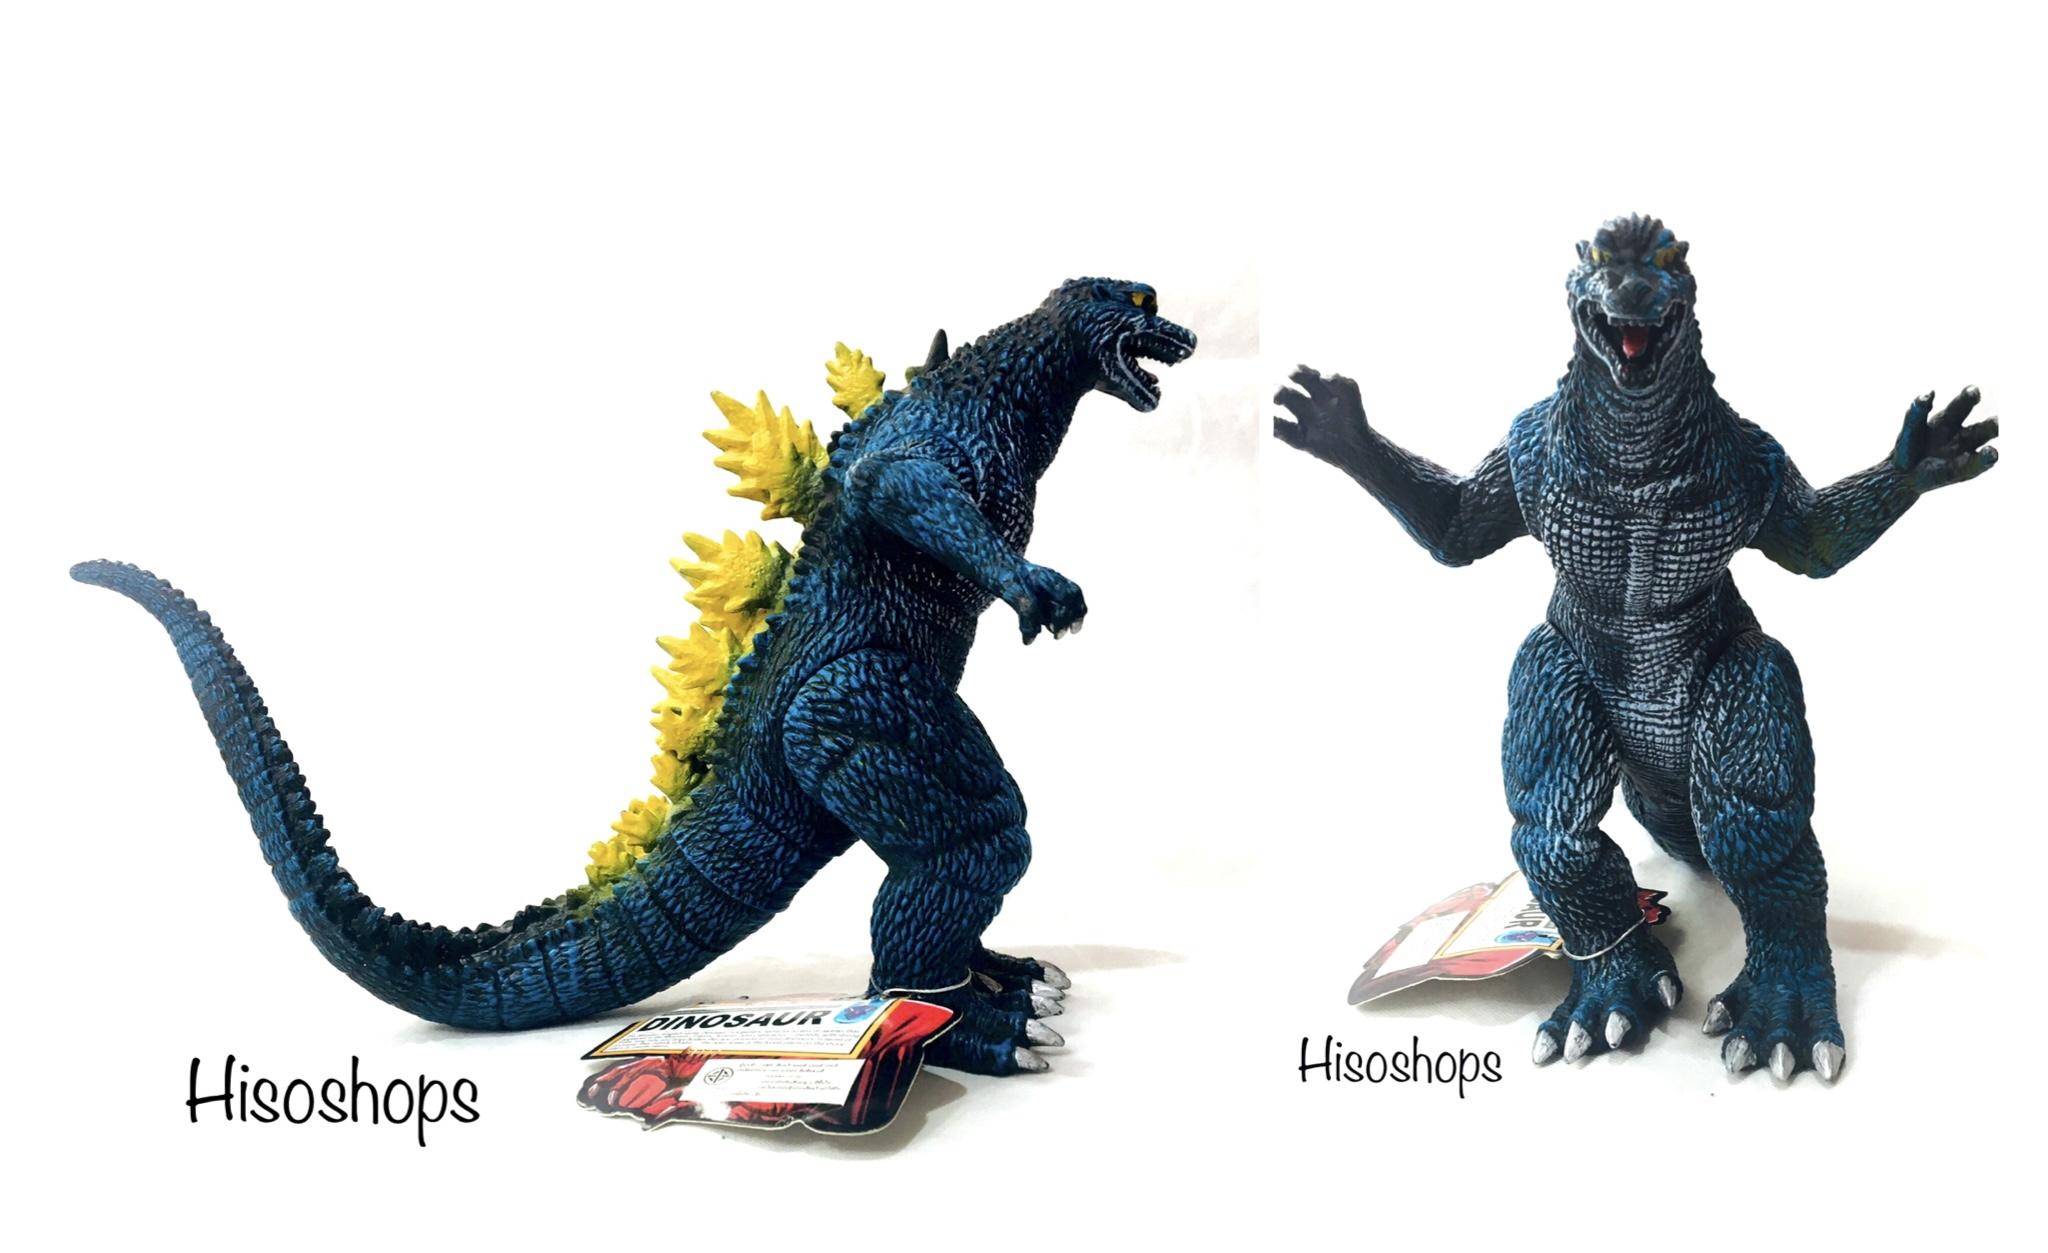 Godzilla Model โมเดลก็อตซิลล่า ตัวใหญ่ สีน้ำเงิน-เหลือง Toy world WA-27740A  สีน้ำเงิน-เหลือง - ร้านของเล่นราคาถูก ของเล่นขายส่ง ร้านไฮโซชอป HISOSHOP :  Inspired by LnwShop.com